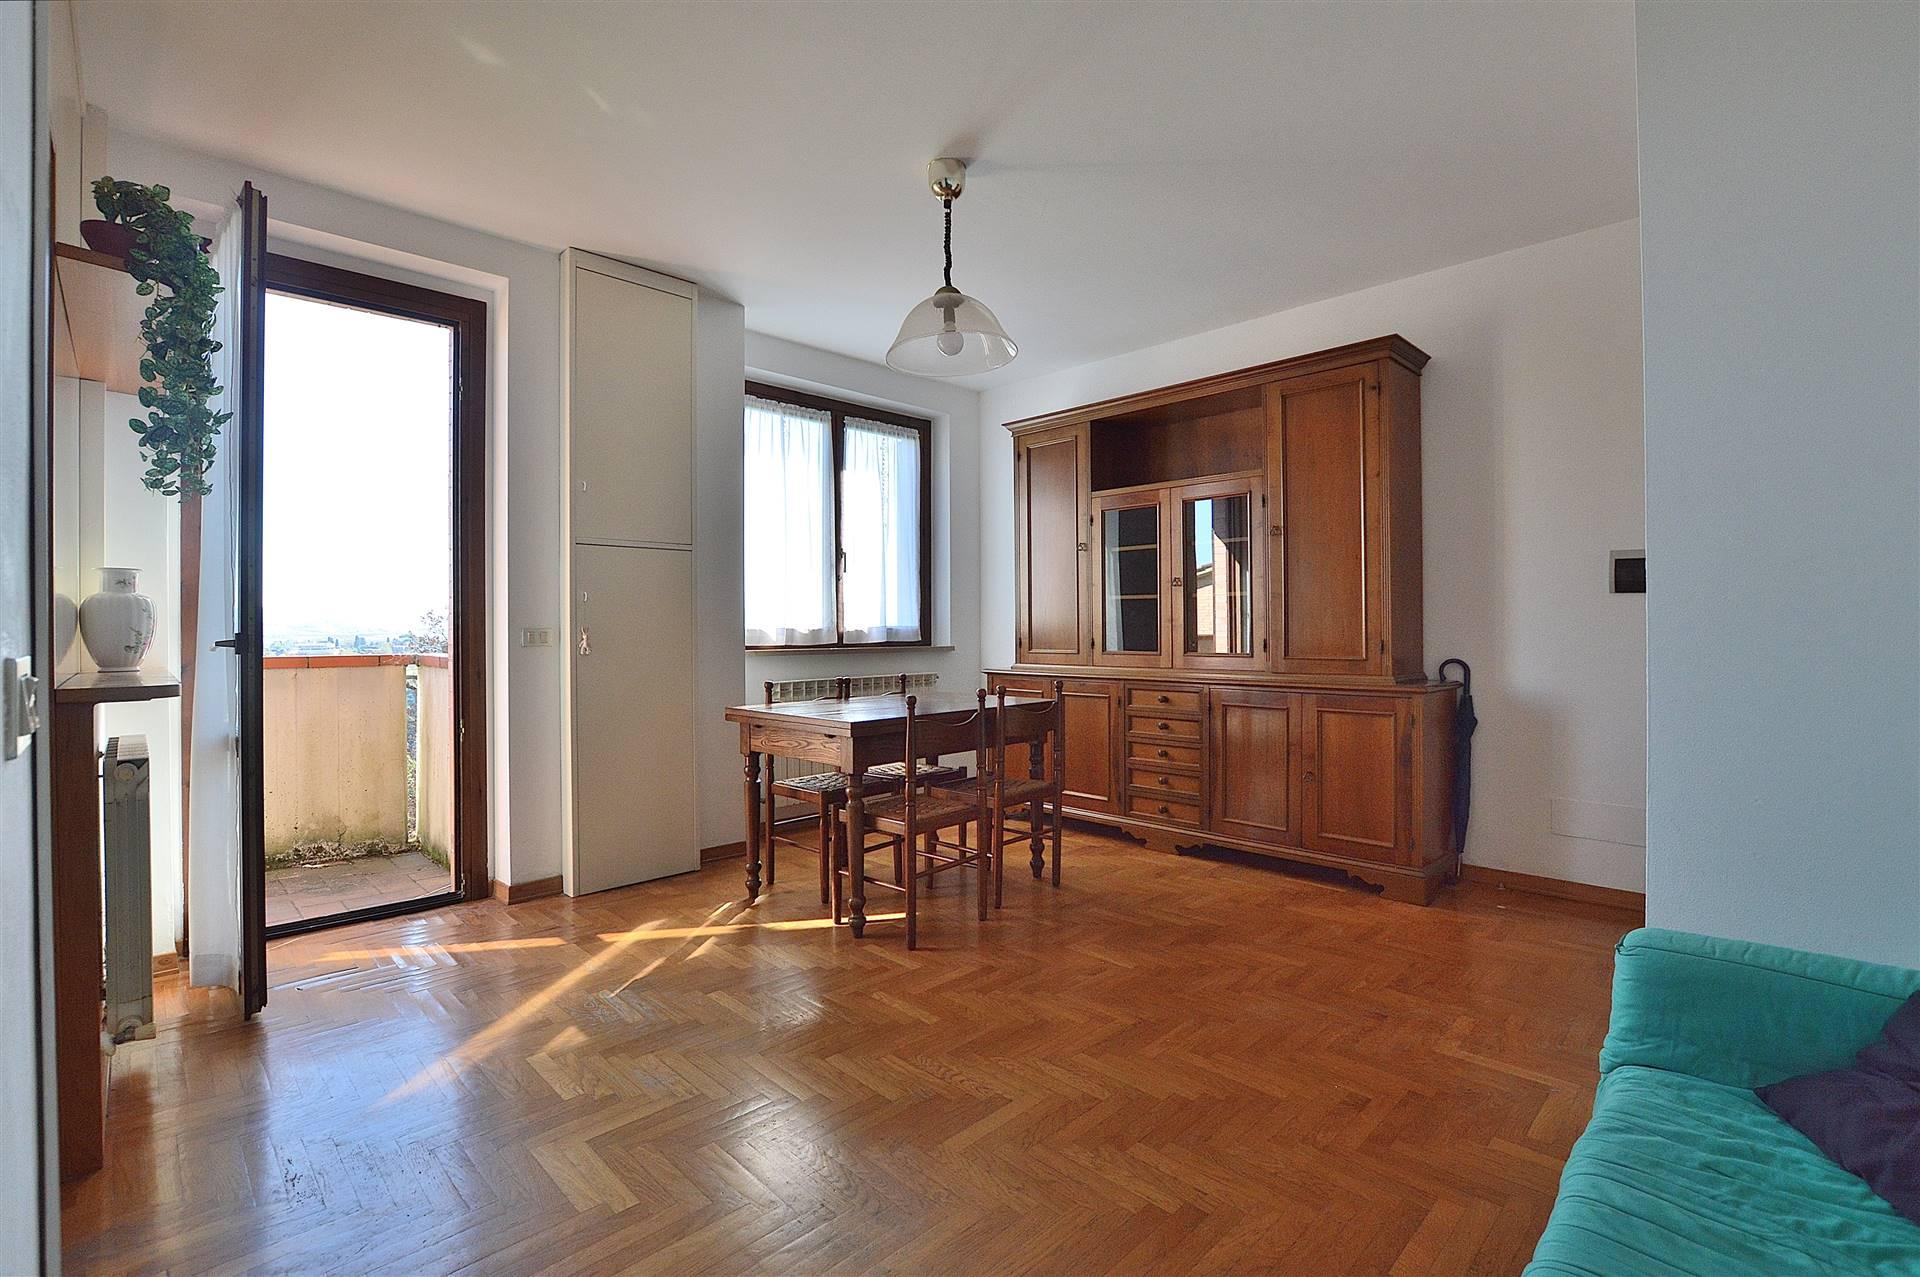 Uopini, in piacevole contesto residenziale, proponiamo appartamento posto al piano primo ed ultimo di una piccola palazzina in mattoni faccia vista così composto: ingresso, luminoso soggiorno con